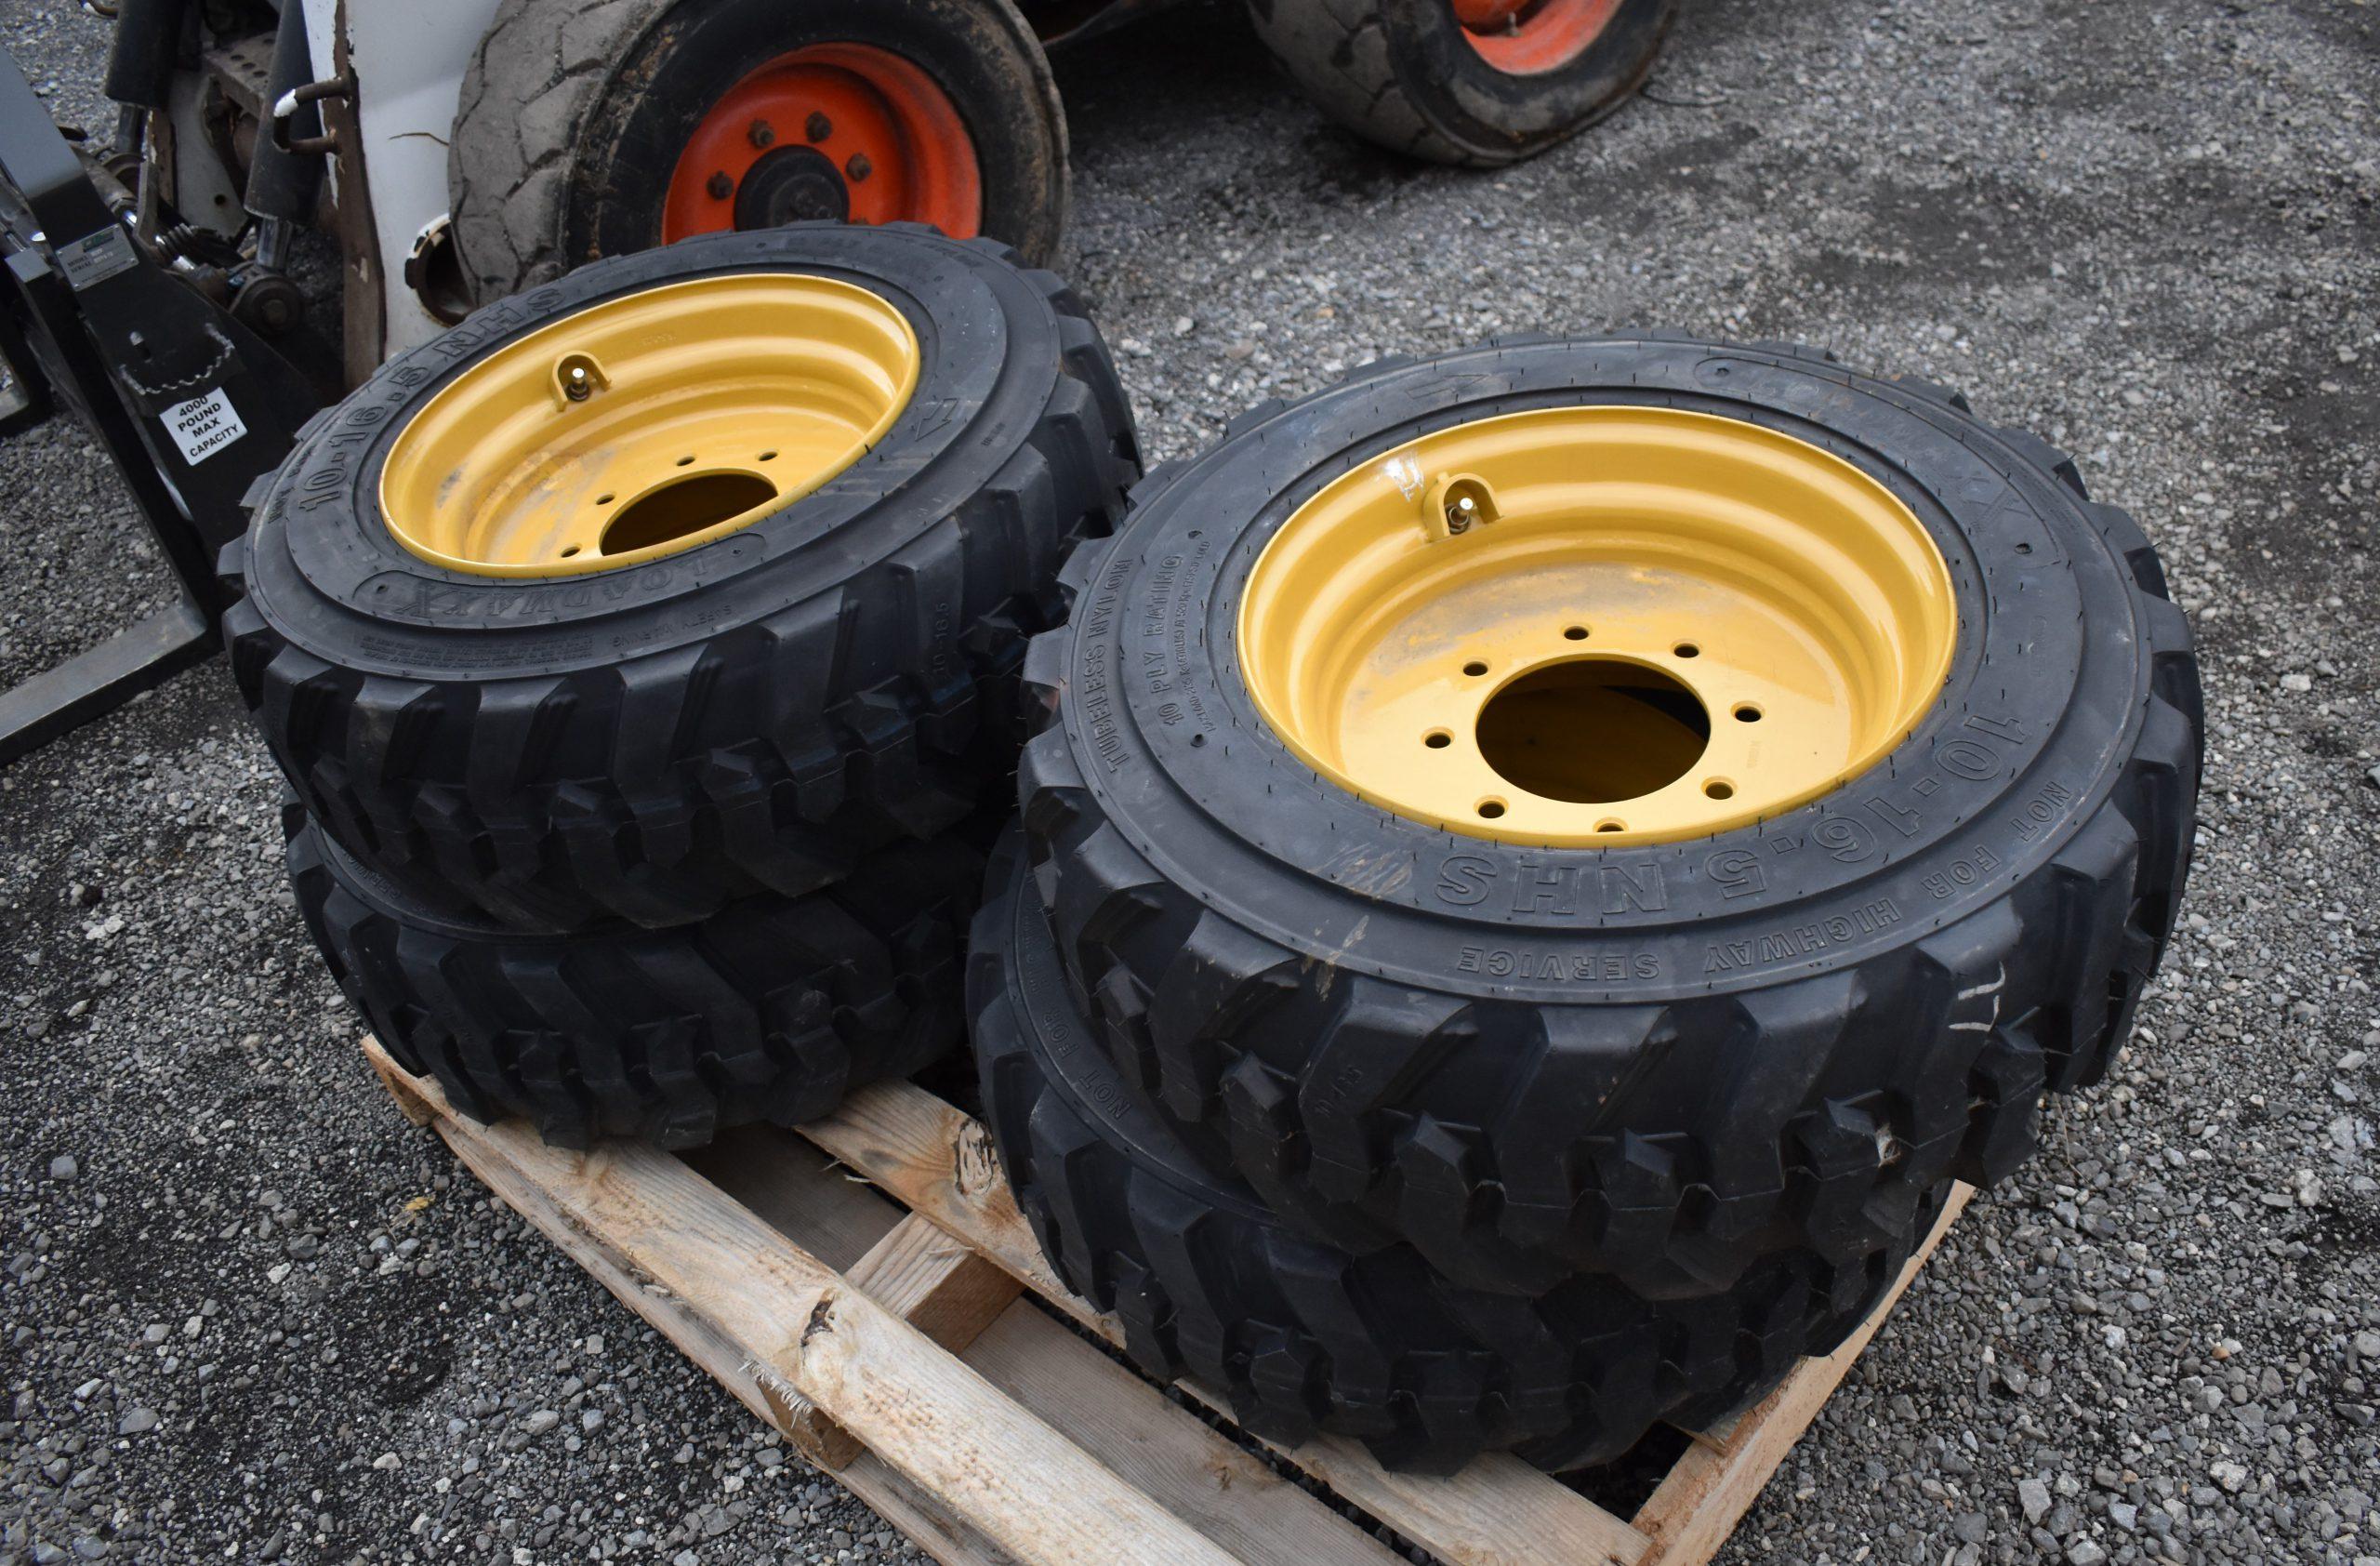 Skidloader Tires Image